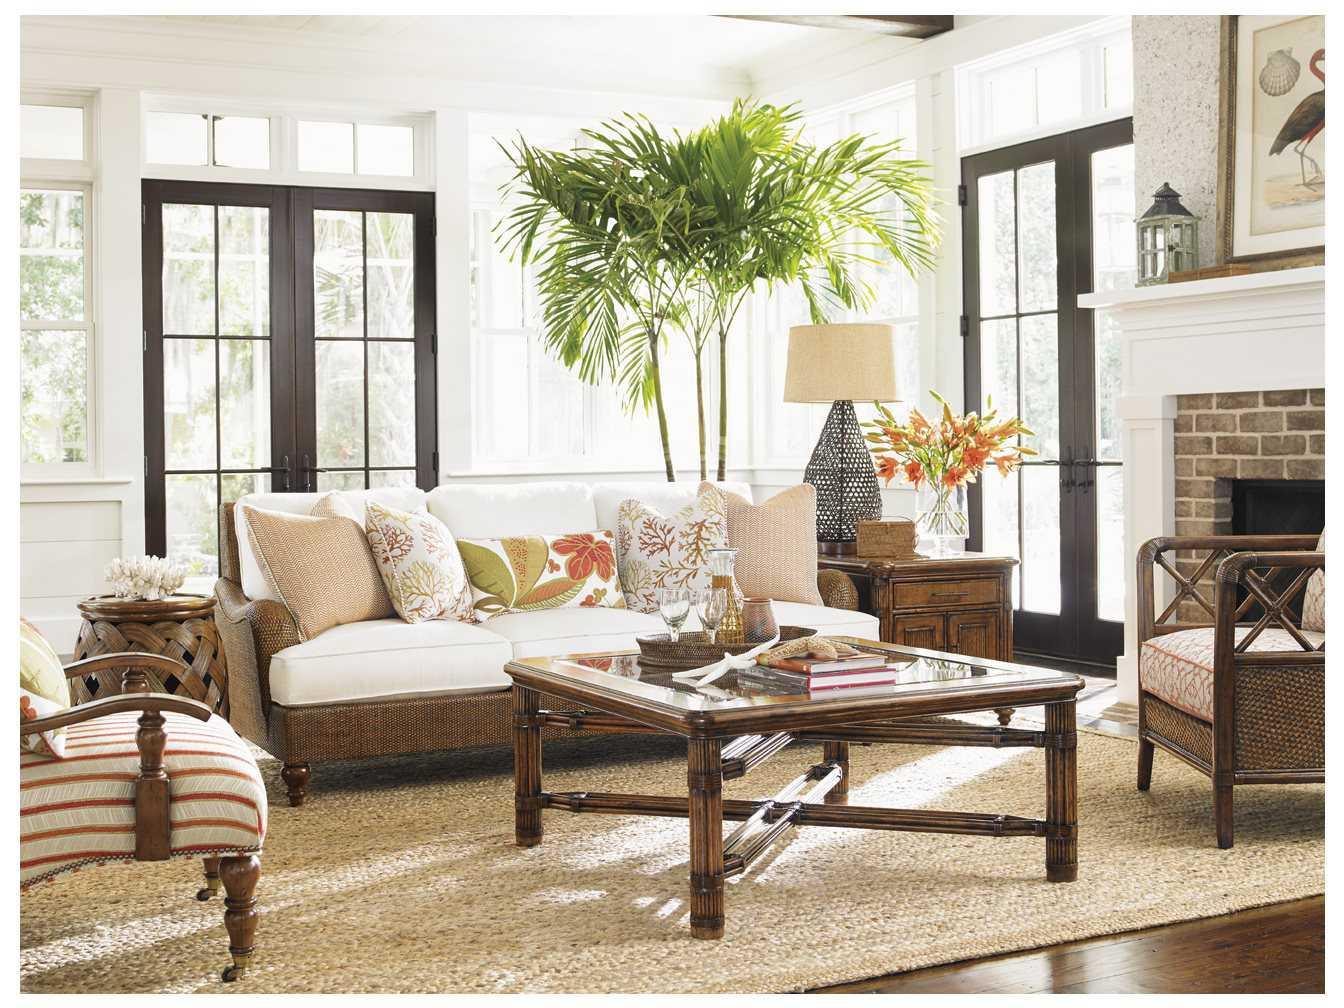 Tommy Bahama Bali Hai Living Room Set 177433 947set